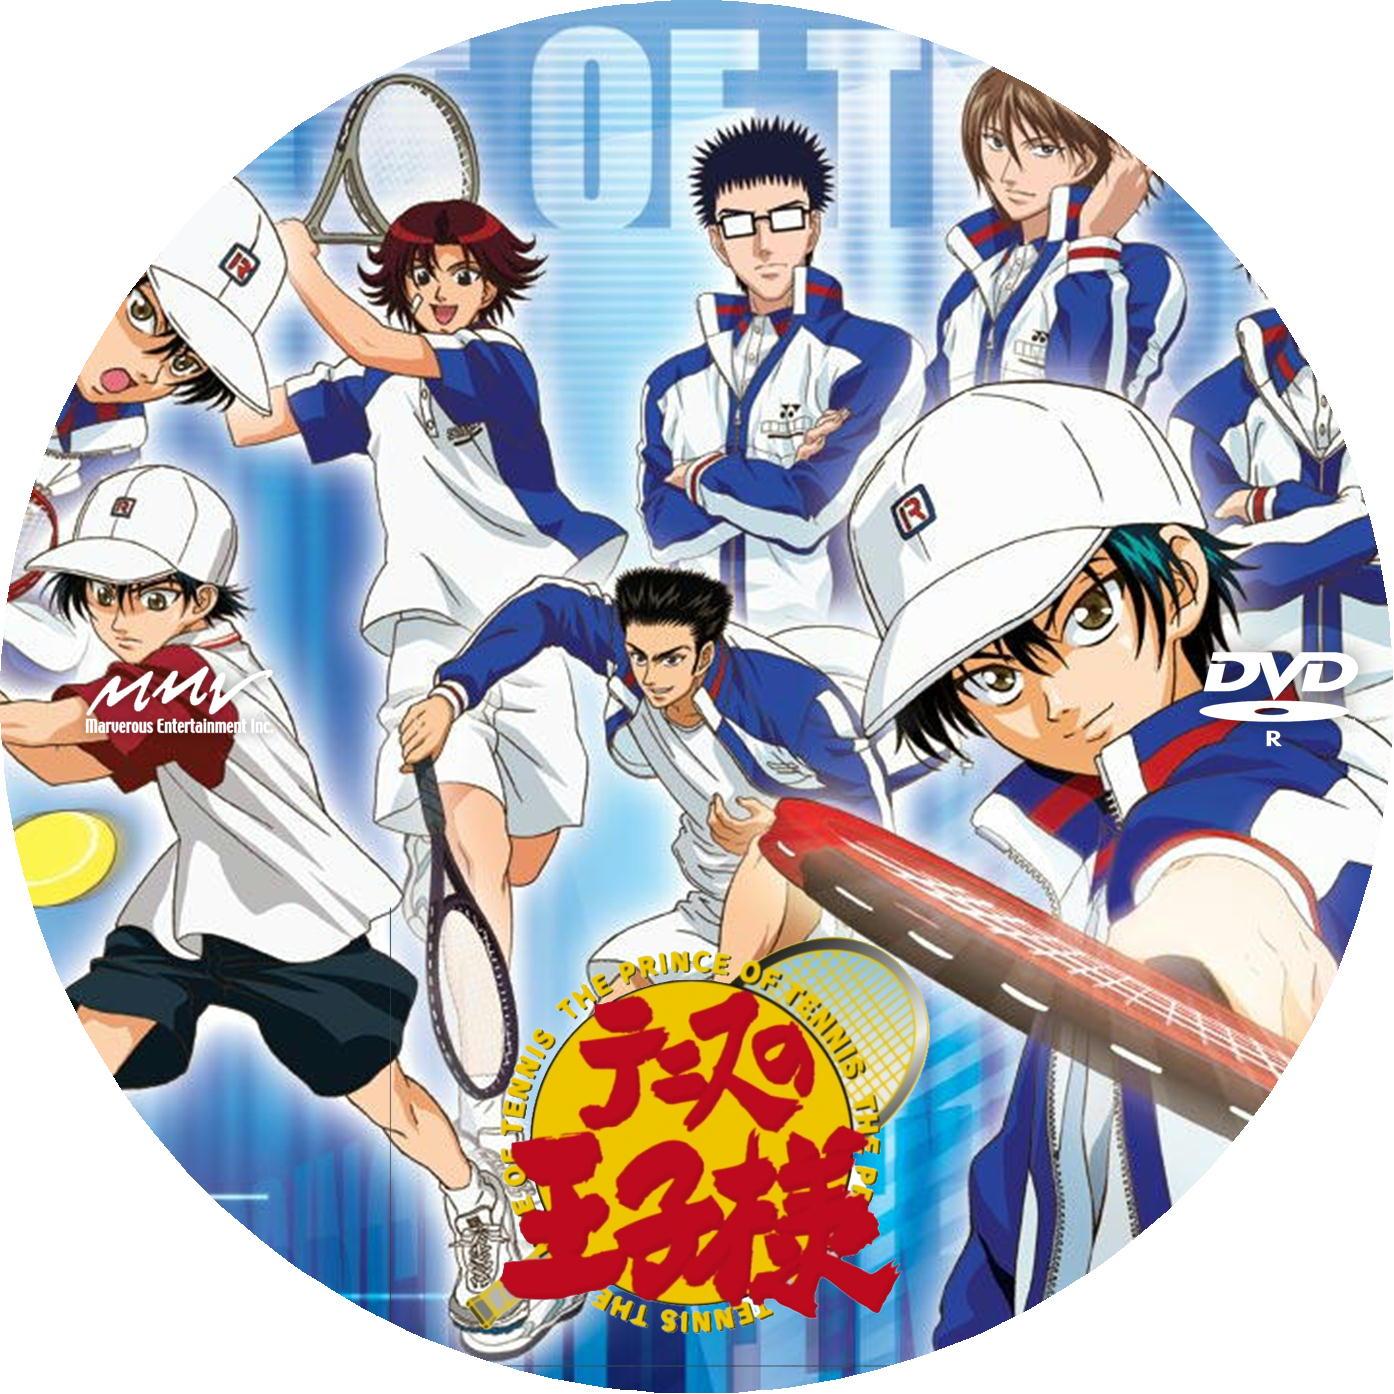 テニスの王子様 DVDラベル